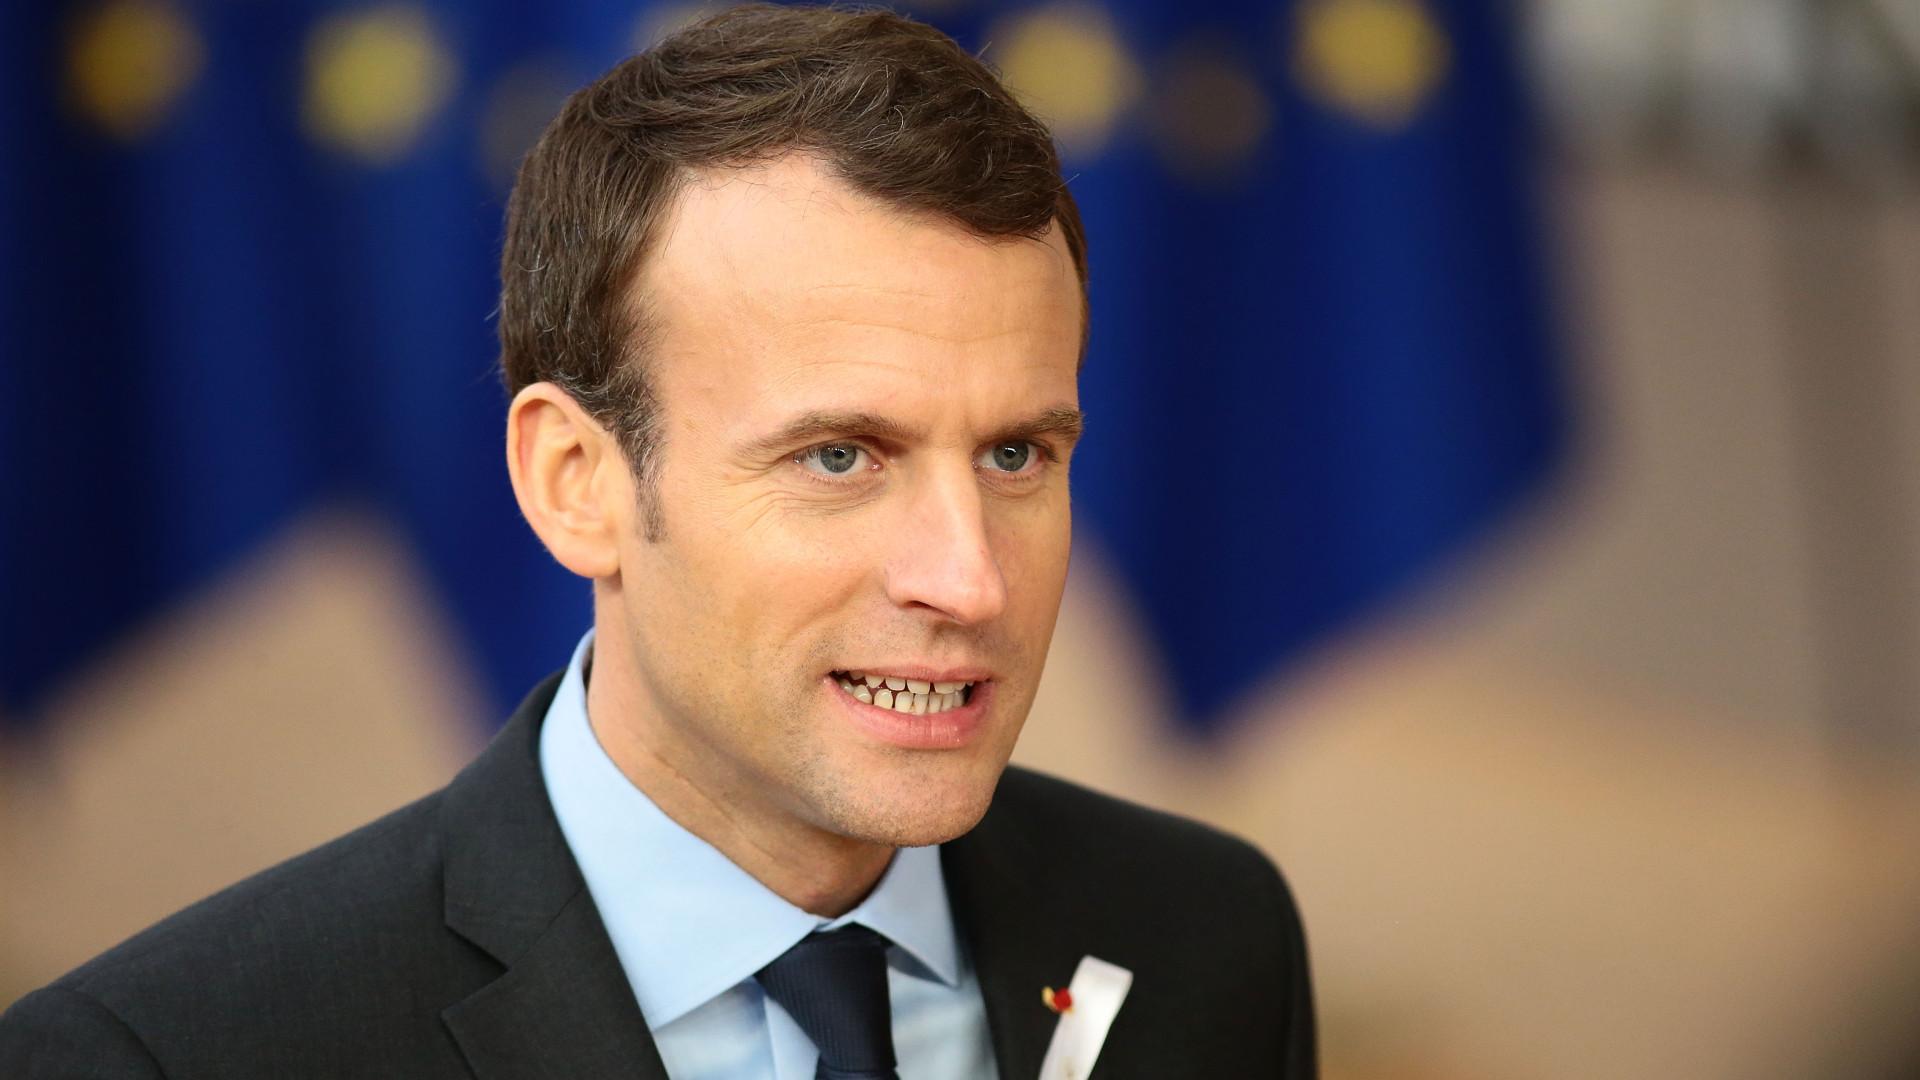 Macron a favor de sanções financeiras a quem recusar acolhimento